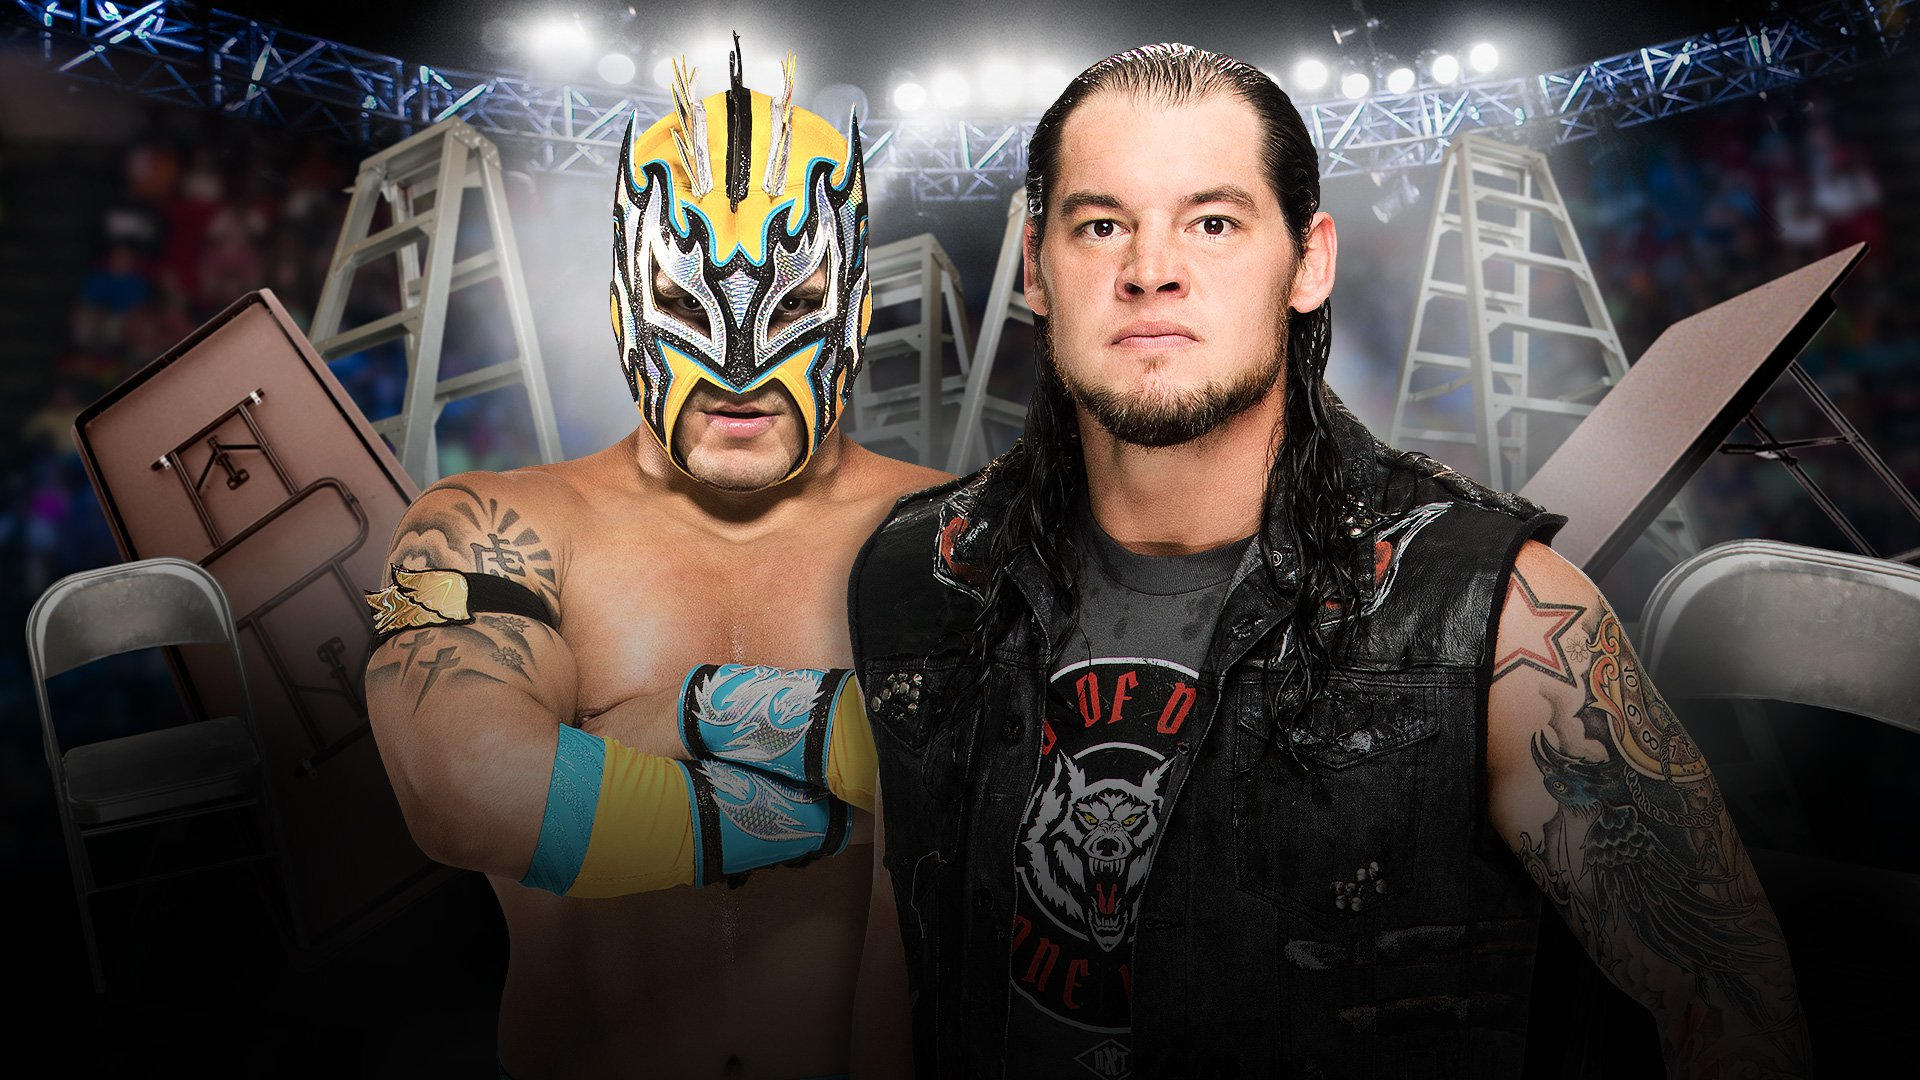 WWE TLC - DECEMBER 4 - DALLAS, TEXAS 20161122_TLC_Match_corbinkalisto--2b93869e5966dc4d1f9ec6f06c25de17